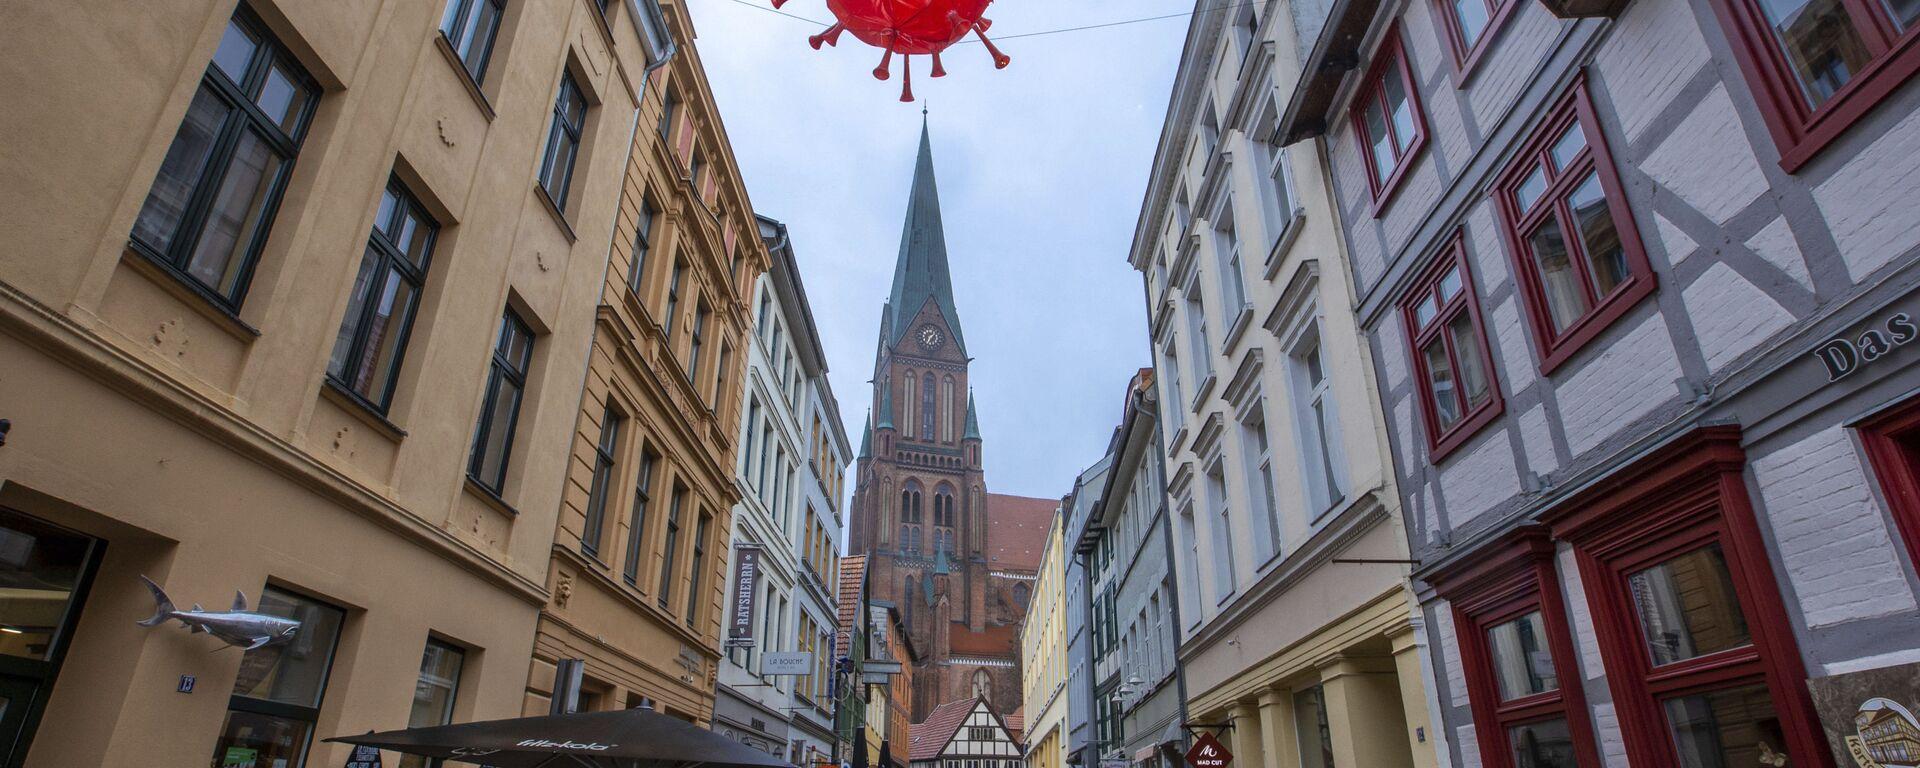 Макета вируса корона изнад трговачке улице испред катедрале у Шверину током закључавања у Немачкој - Sputnik Србија, 1920, 25.07.2021